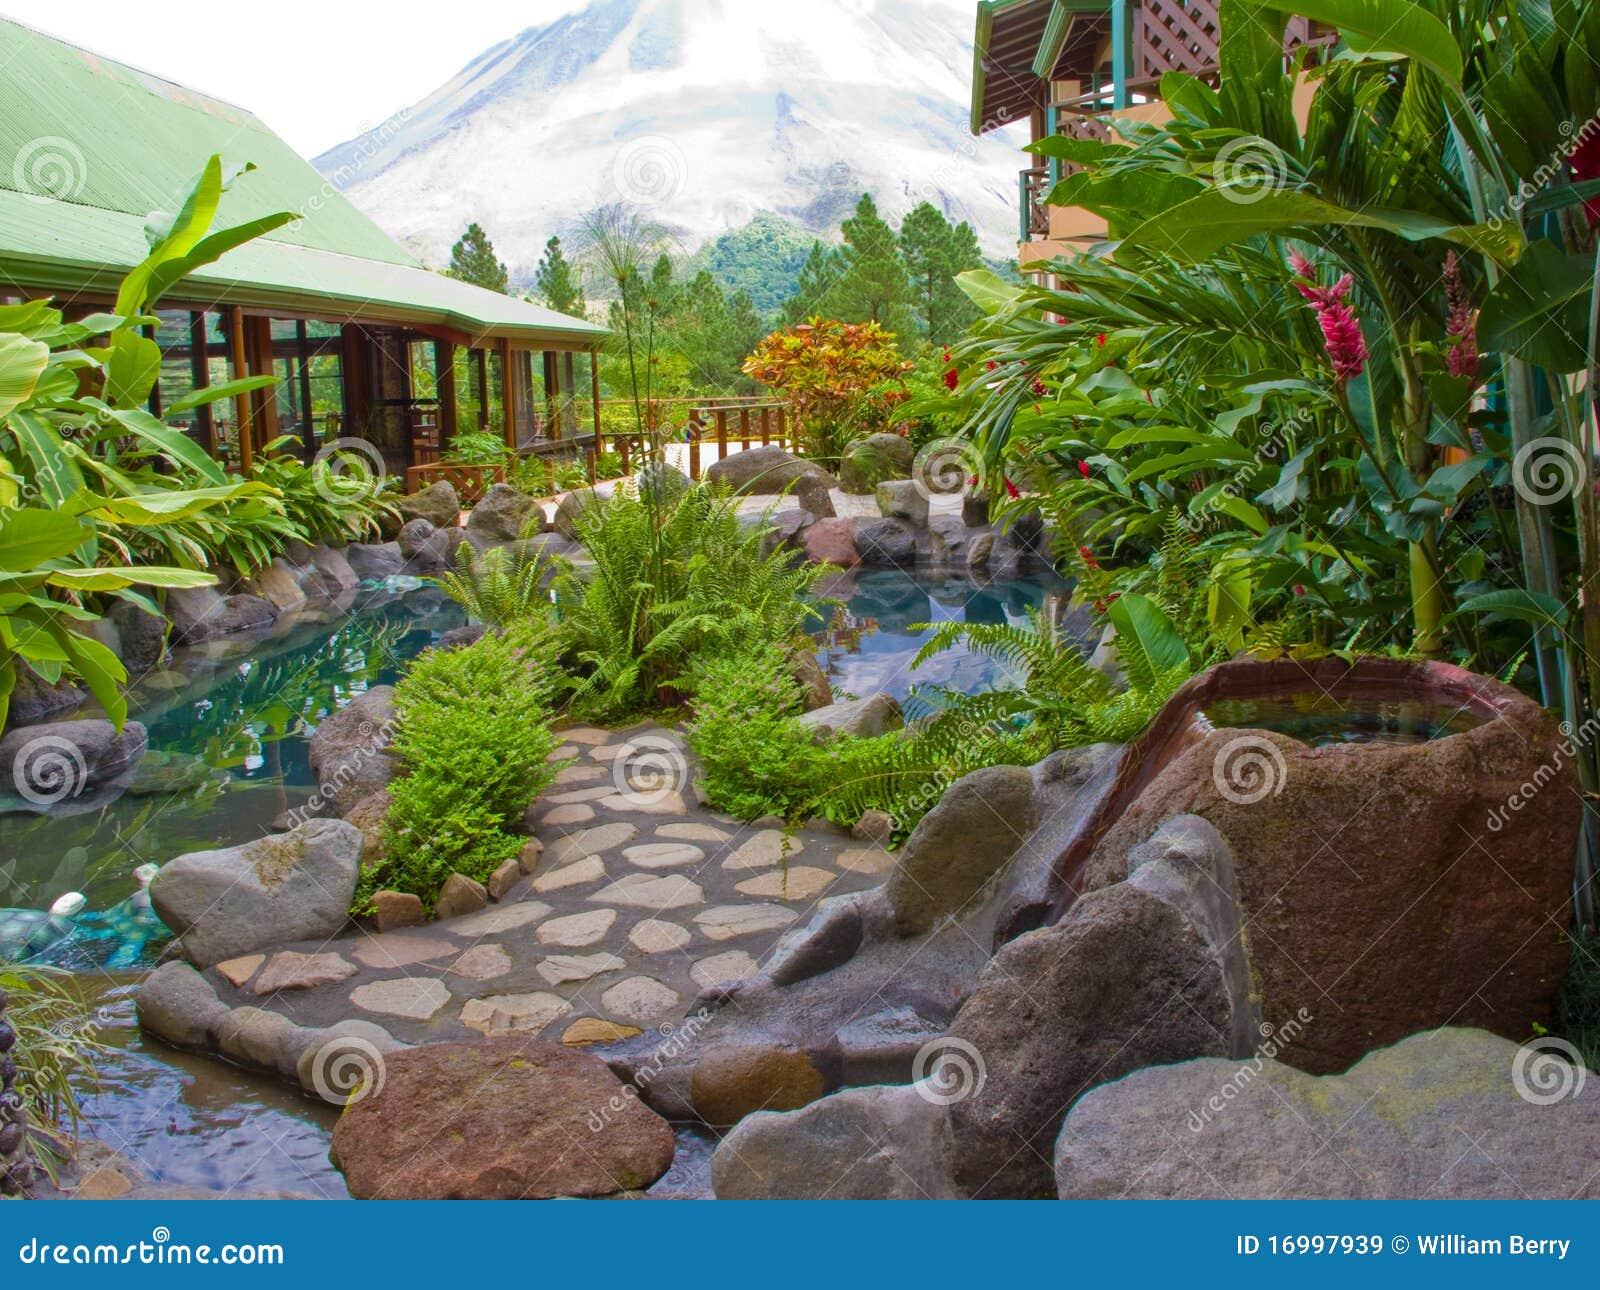 Jardin tropical images libres de droits image 16997939 for Jardin tropical